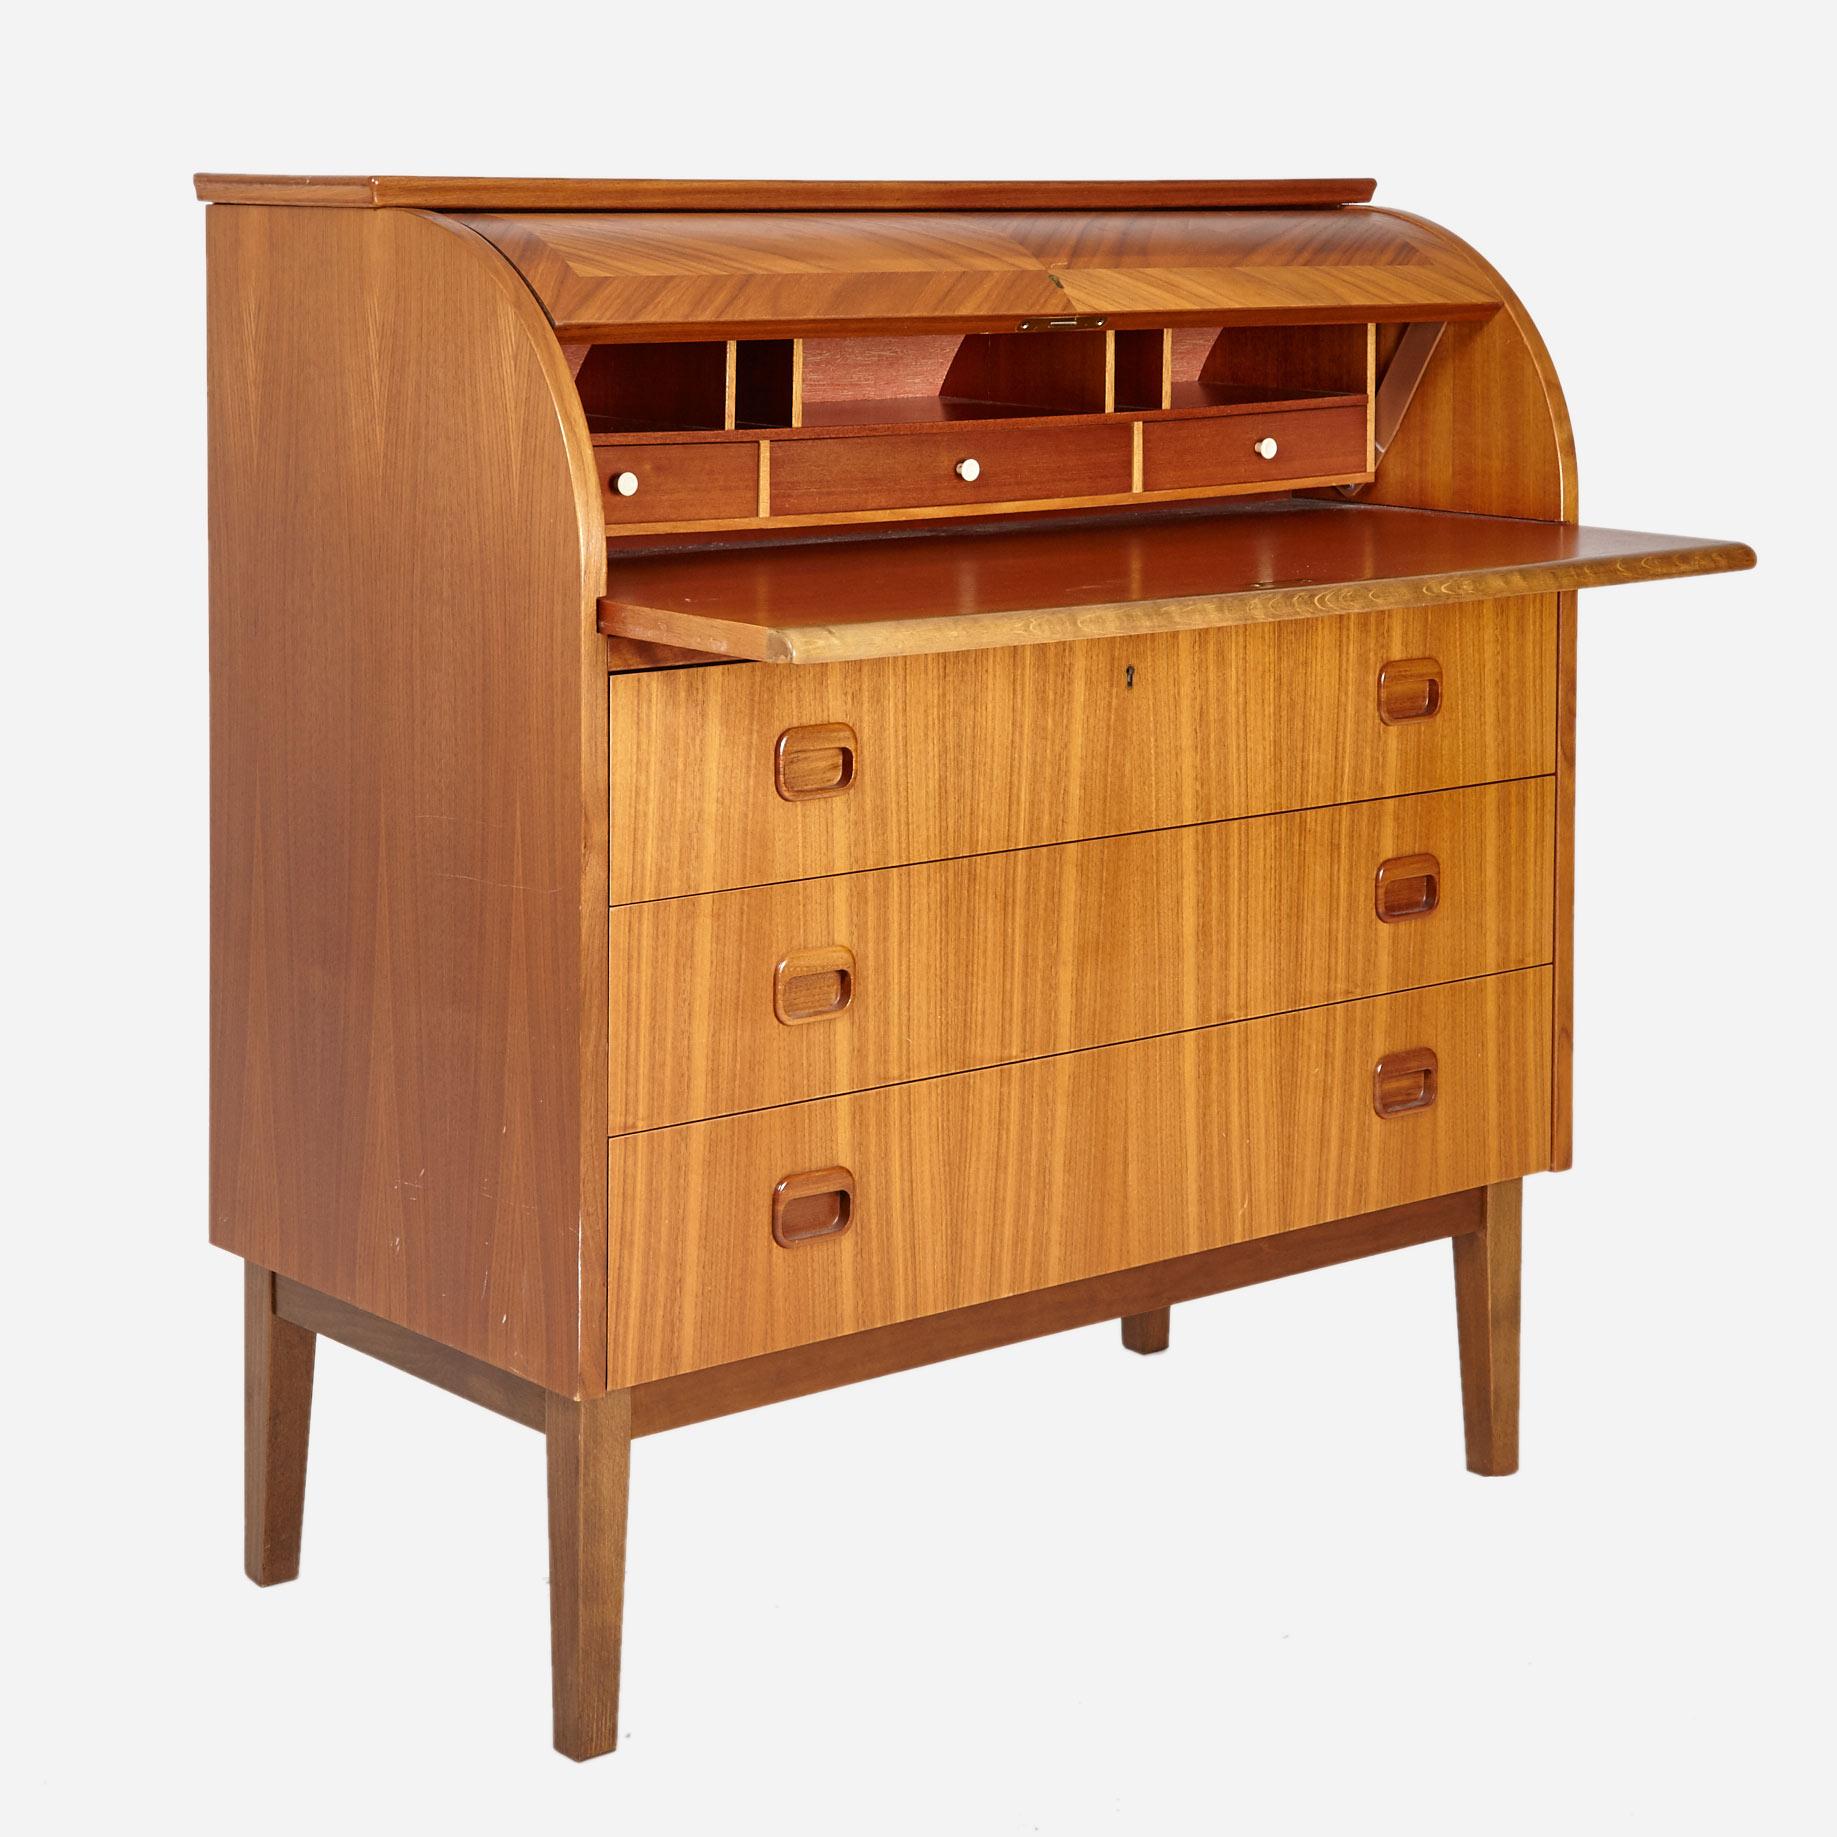 sekret r aus teakholz m bel z rich vintagem bel. Black Bedroom Furniture Sets. Home Design Ideas